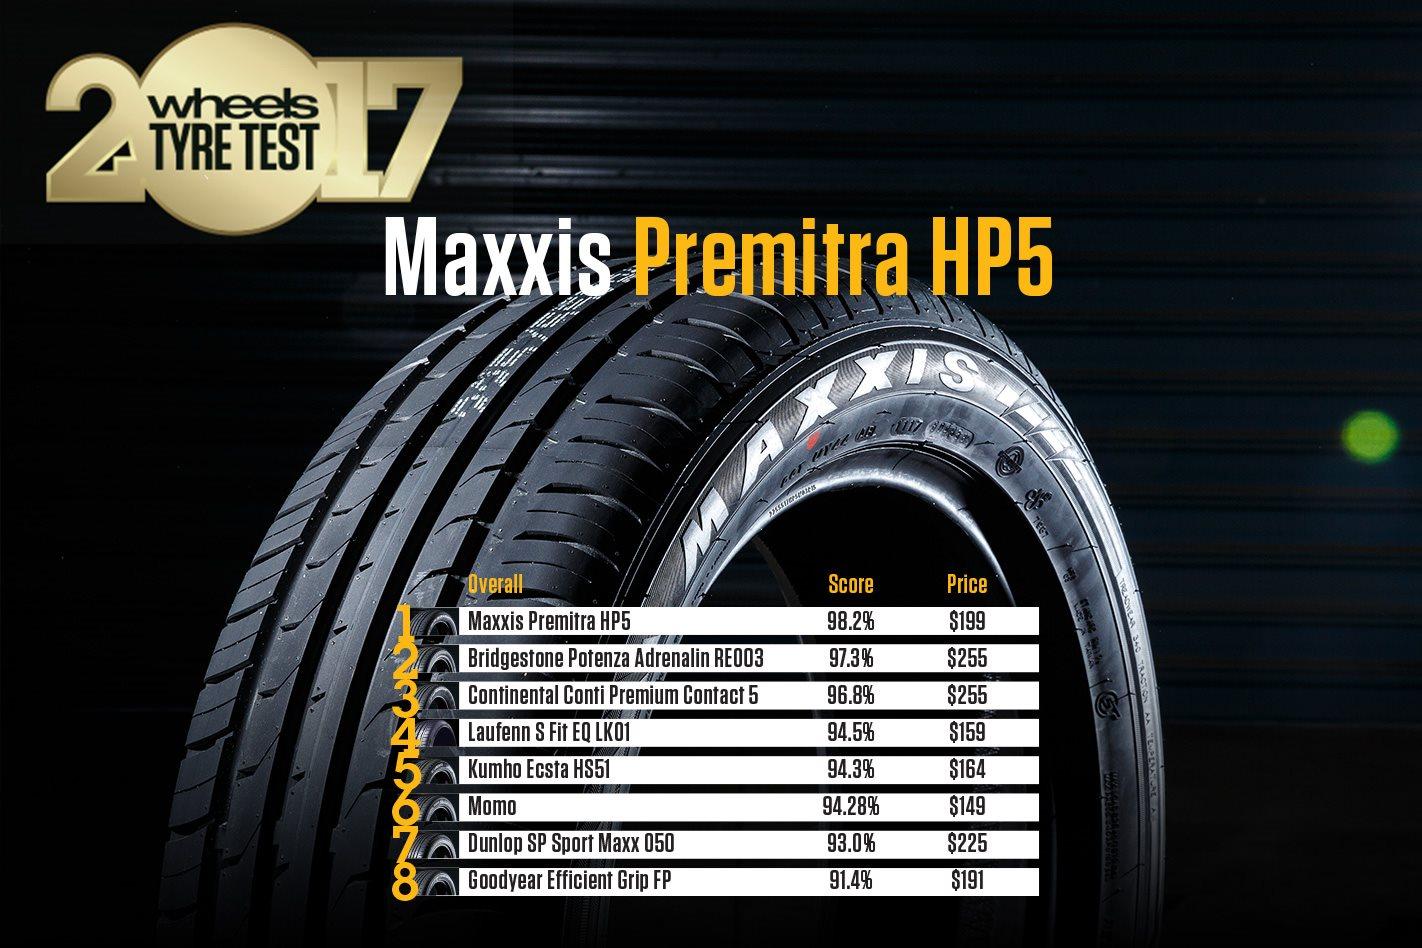 https://d3lp4xedbqa8a5.cloudfront.net/s3/digital-cougar-assets/wheels/2017/09/11/Misc/Wheels-Tyre-Test-WINNER-(1).jpg